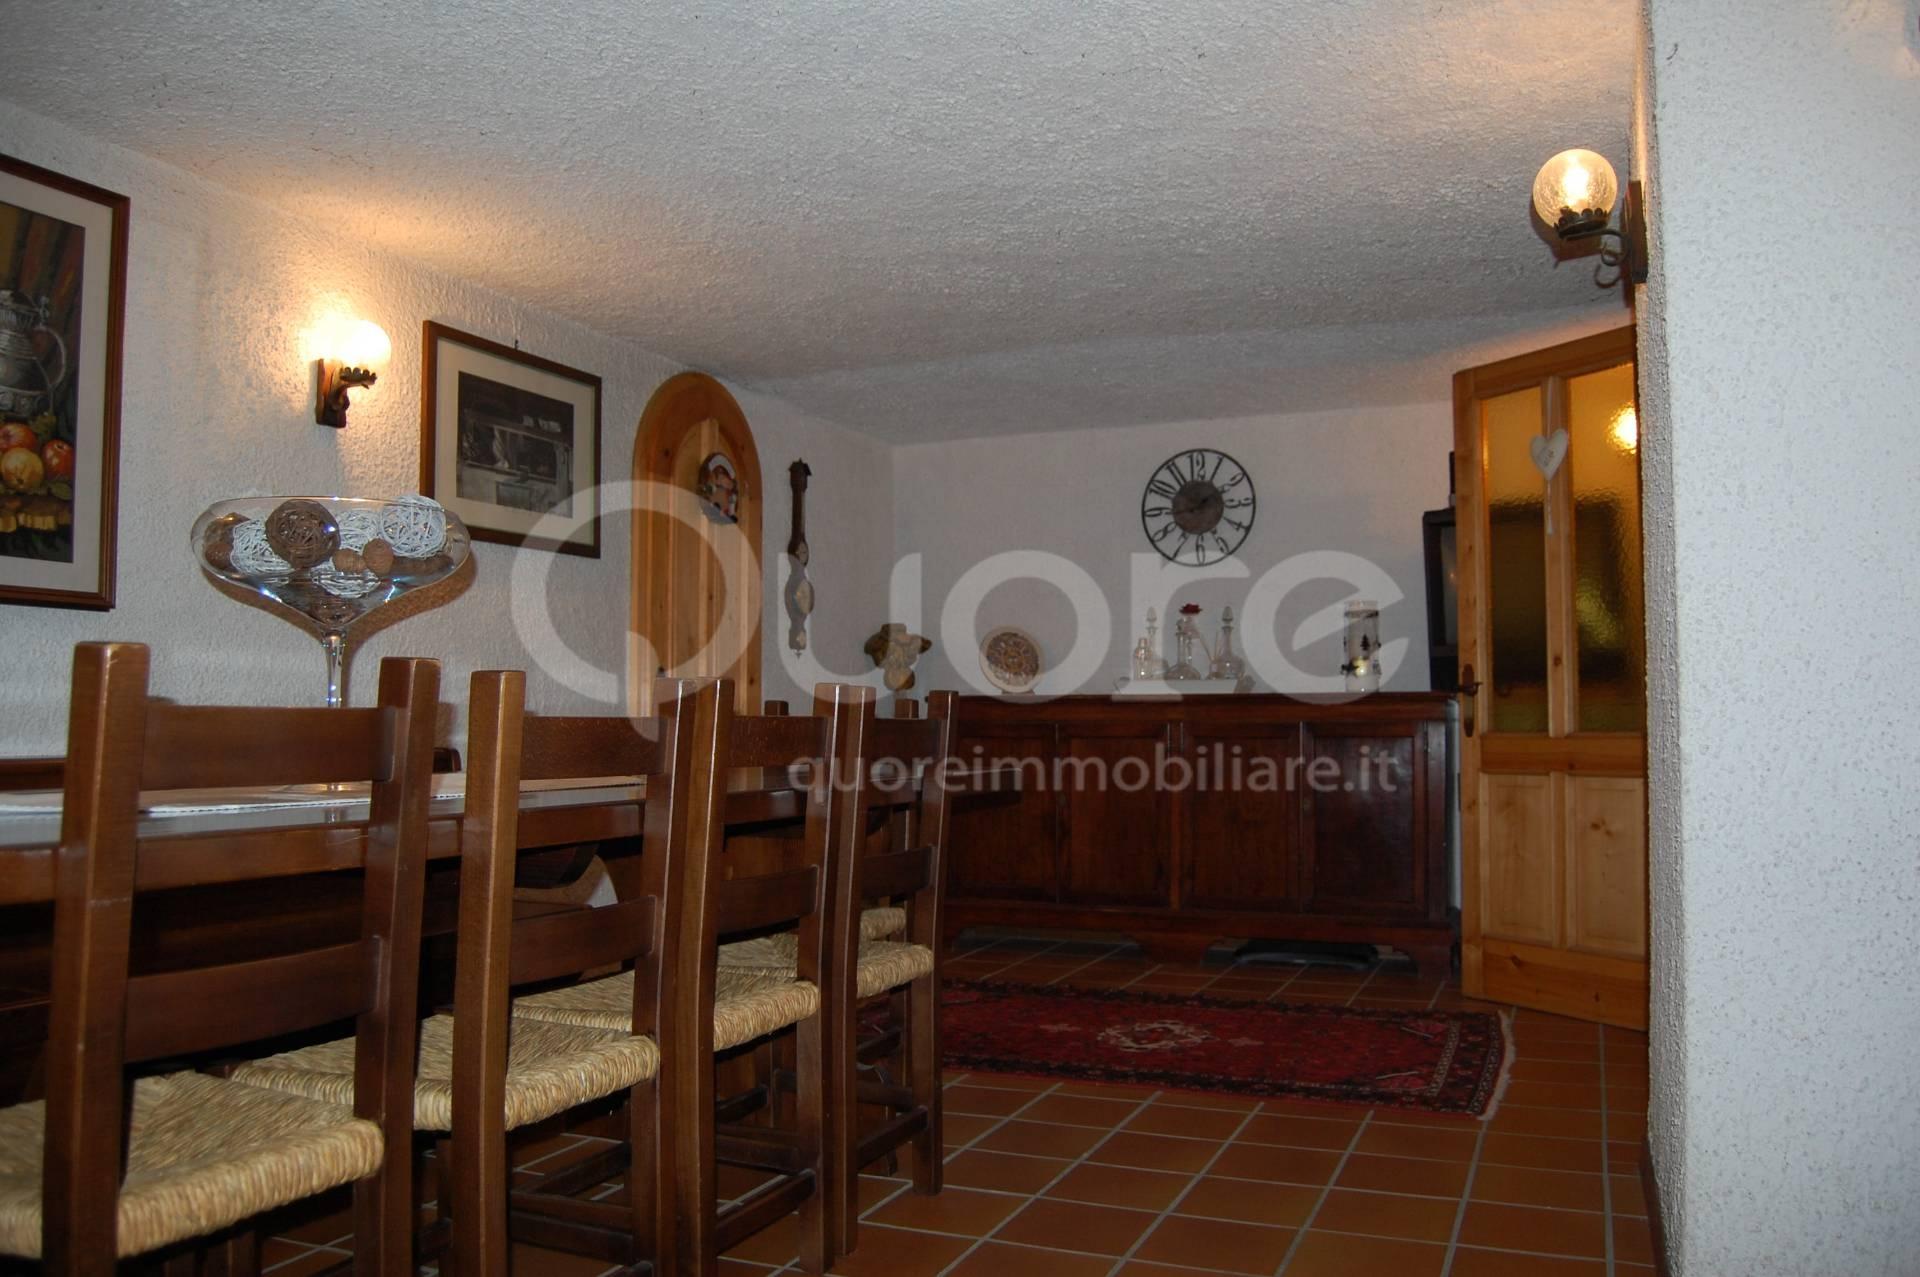 Villa in vendita a Udine, 6 locali, prezzo € 349.000   CambioCasa.it